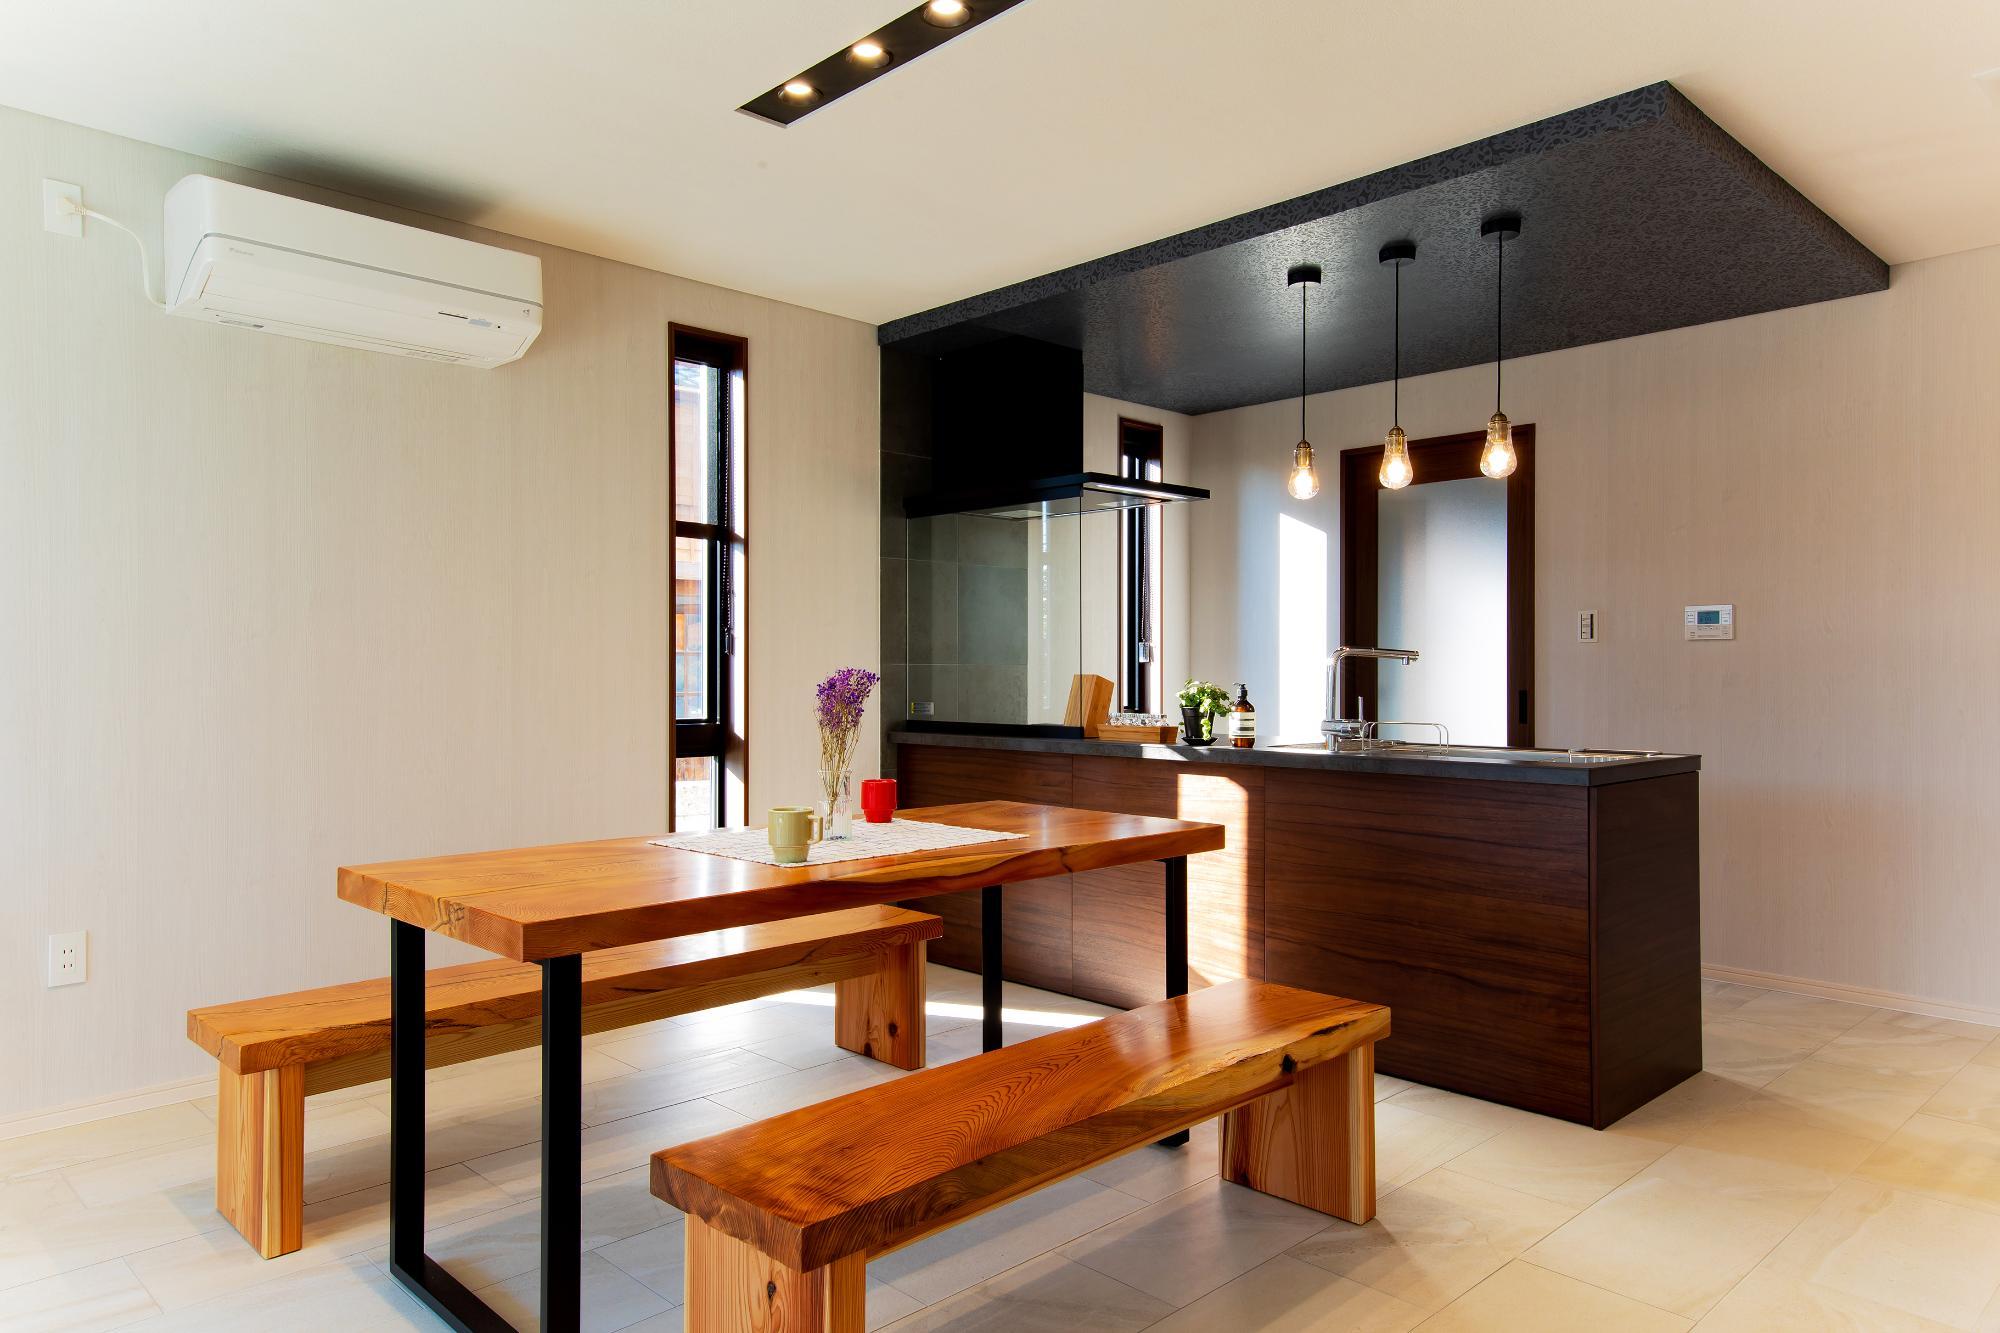 住み継げる住まいの提案 archi laboコンセプトハウスの写真10